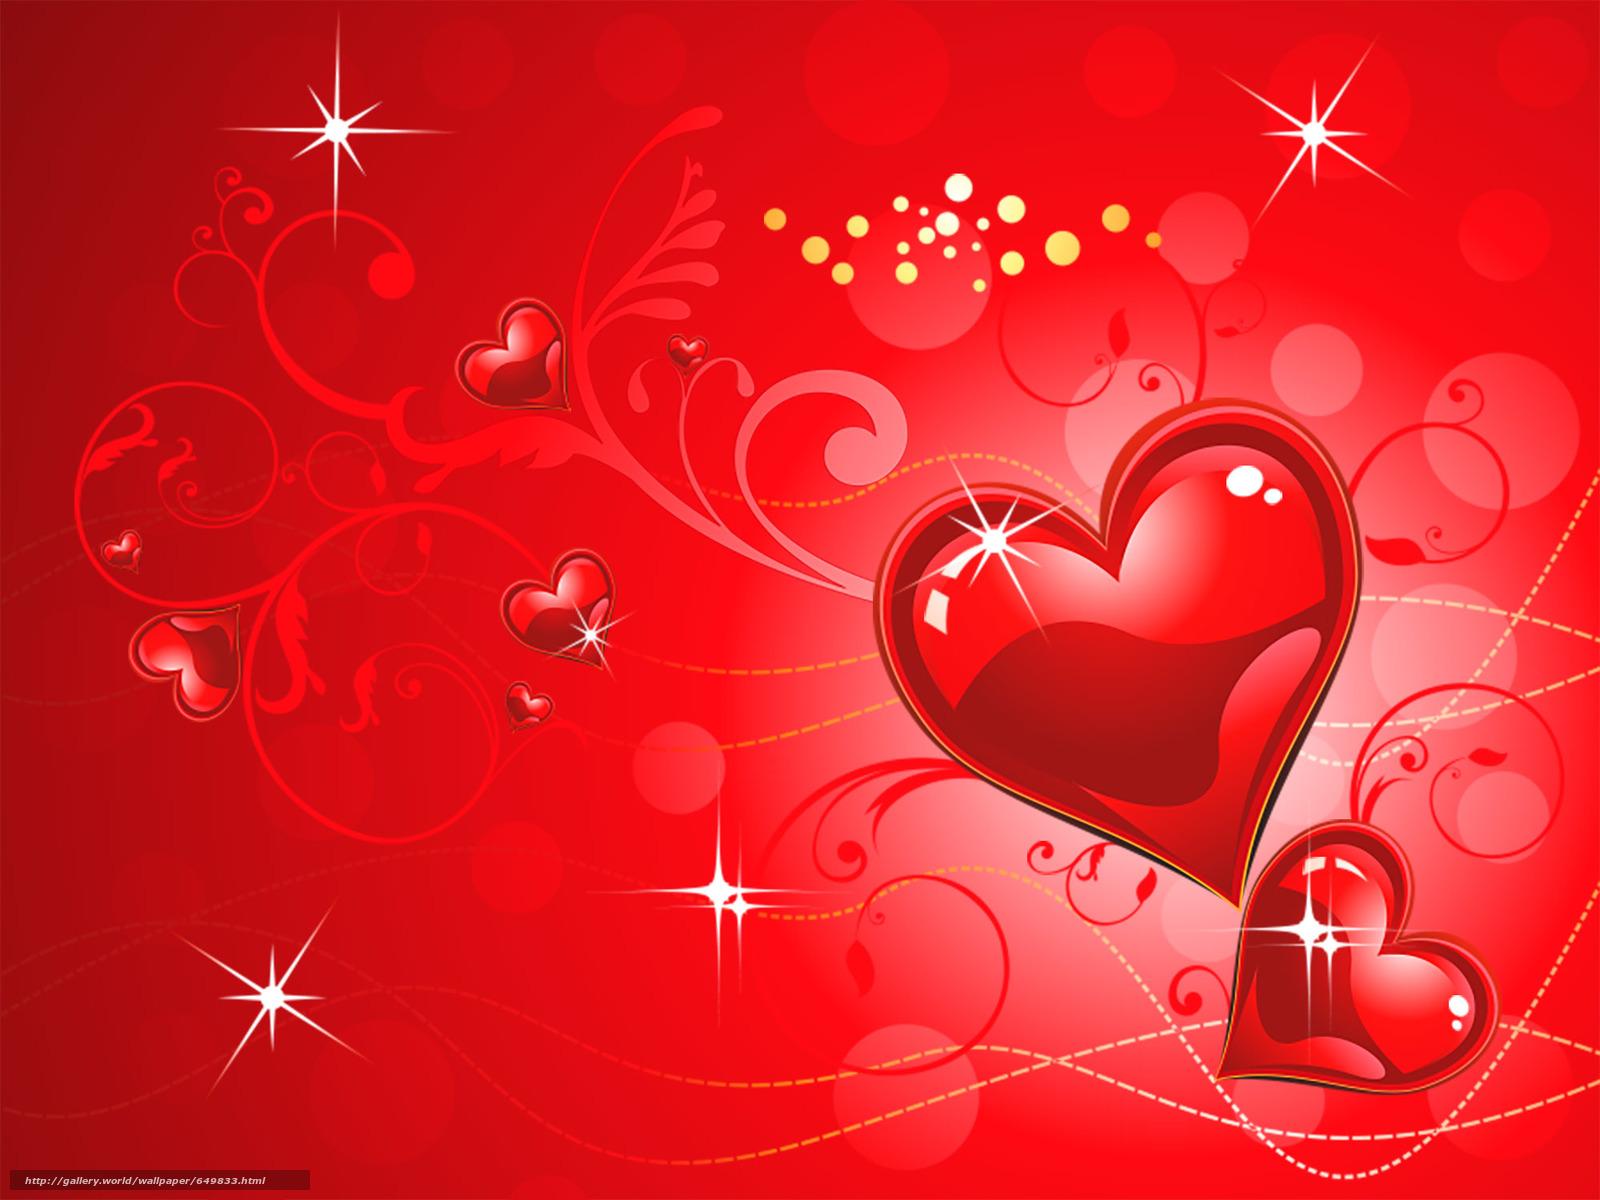 Скачать обои Валентинки,  Валентинка,  День святого Валентина,  день влюблённых бесплатно для рабочего стола в разрешении 2000x1500 — картинка №649833